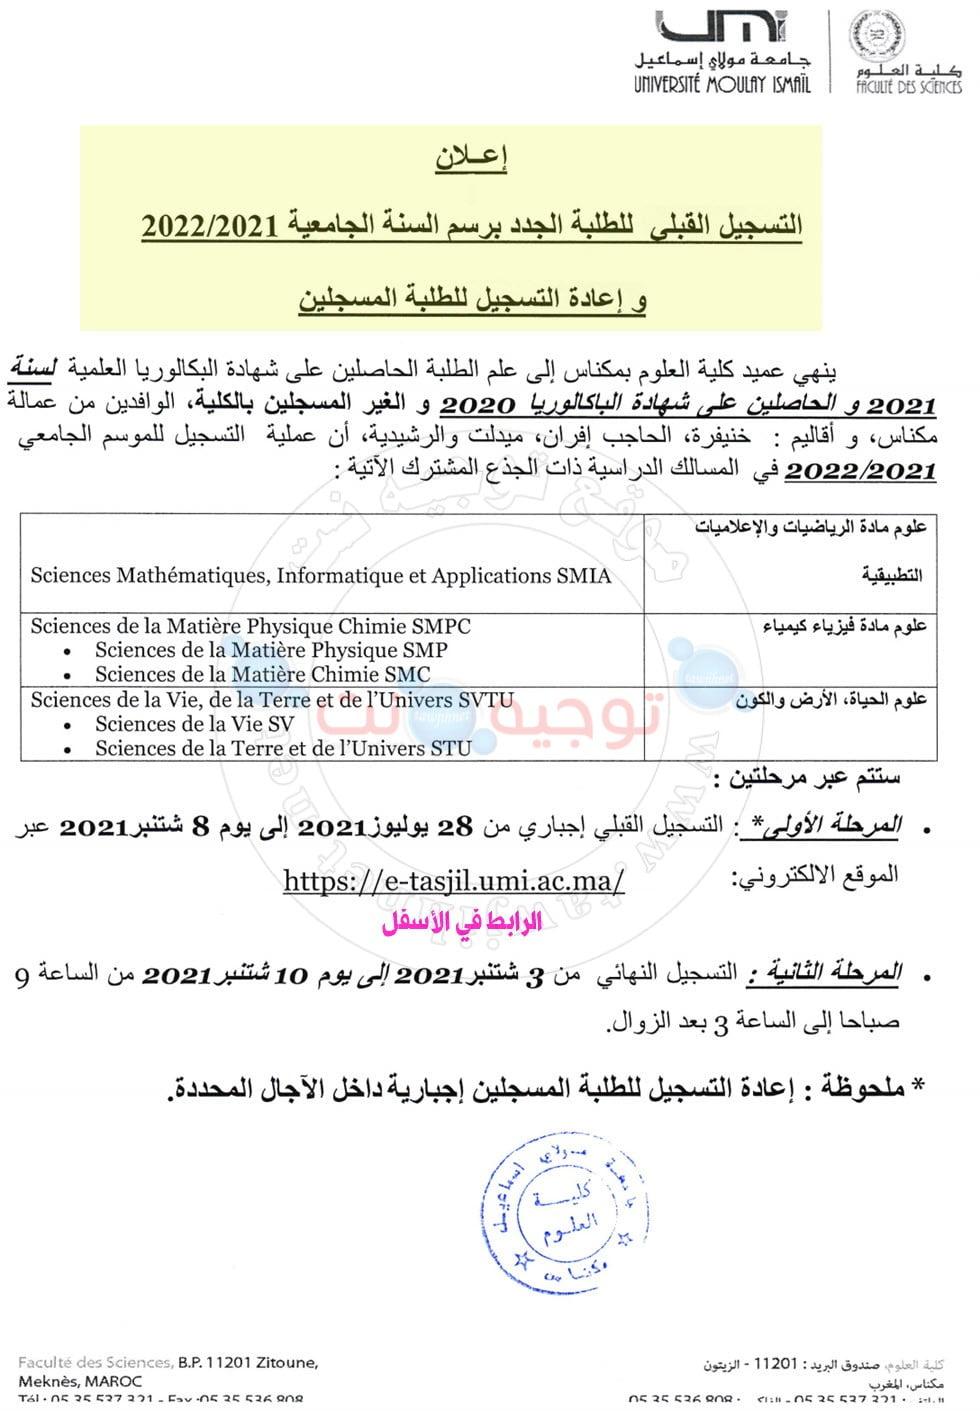 fs Meknes